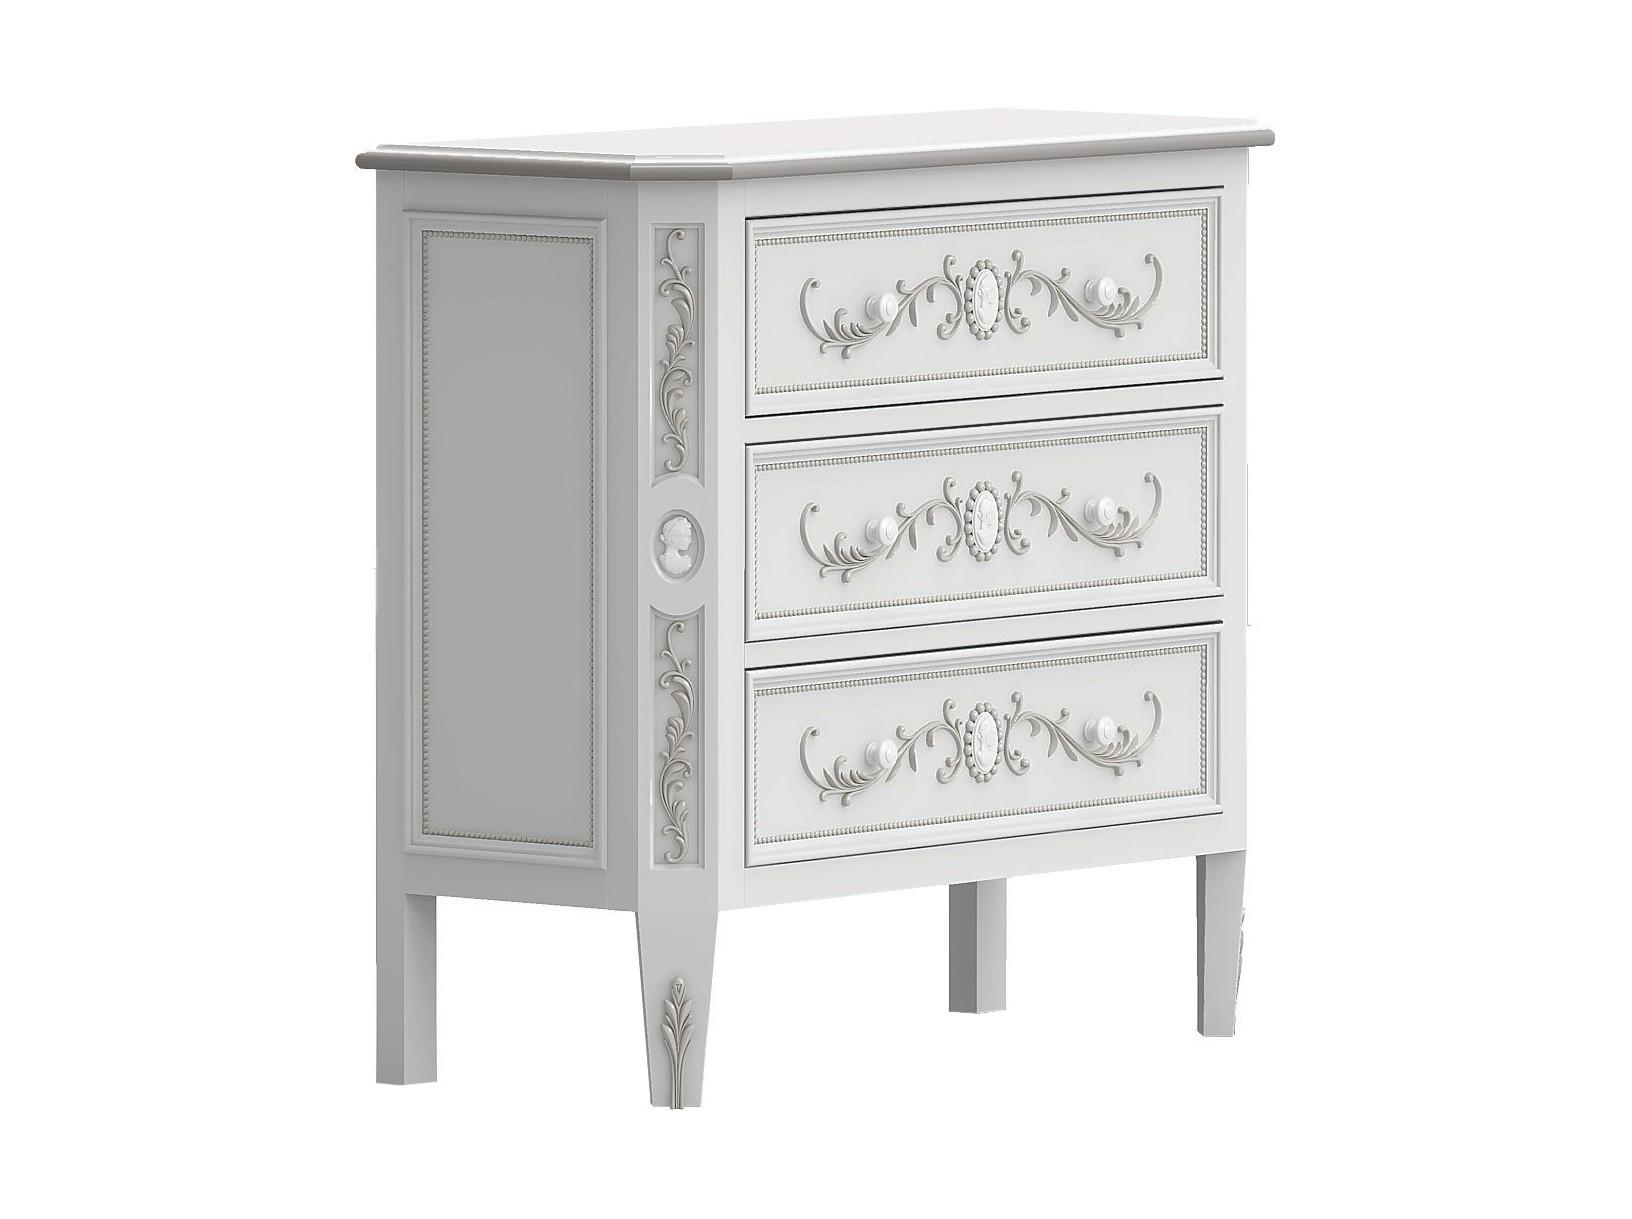 Комод БудуарБельевые комоды<br>Белая мебель для спальни коллекции &amp;quot;Будуар&amp;quot; - классическая мебель стиля Барокко, воплотившая в себе женственность, красоту и нежность дамских будуаров XVIII века. Узоры из жемчужин, цветов и камей - все это объединяет в себе тонкий лепной бордюр, искусно украшающий белую мебель, а легкое патинирование придает ему оттенок времени и неповторимого шика.&amp;amp;nbsp;<br><br>Material: Бук<br>Ширина см: 110.0<br>Высота см: 91.0<br>Глубина см: 43.0